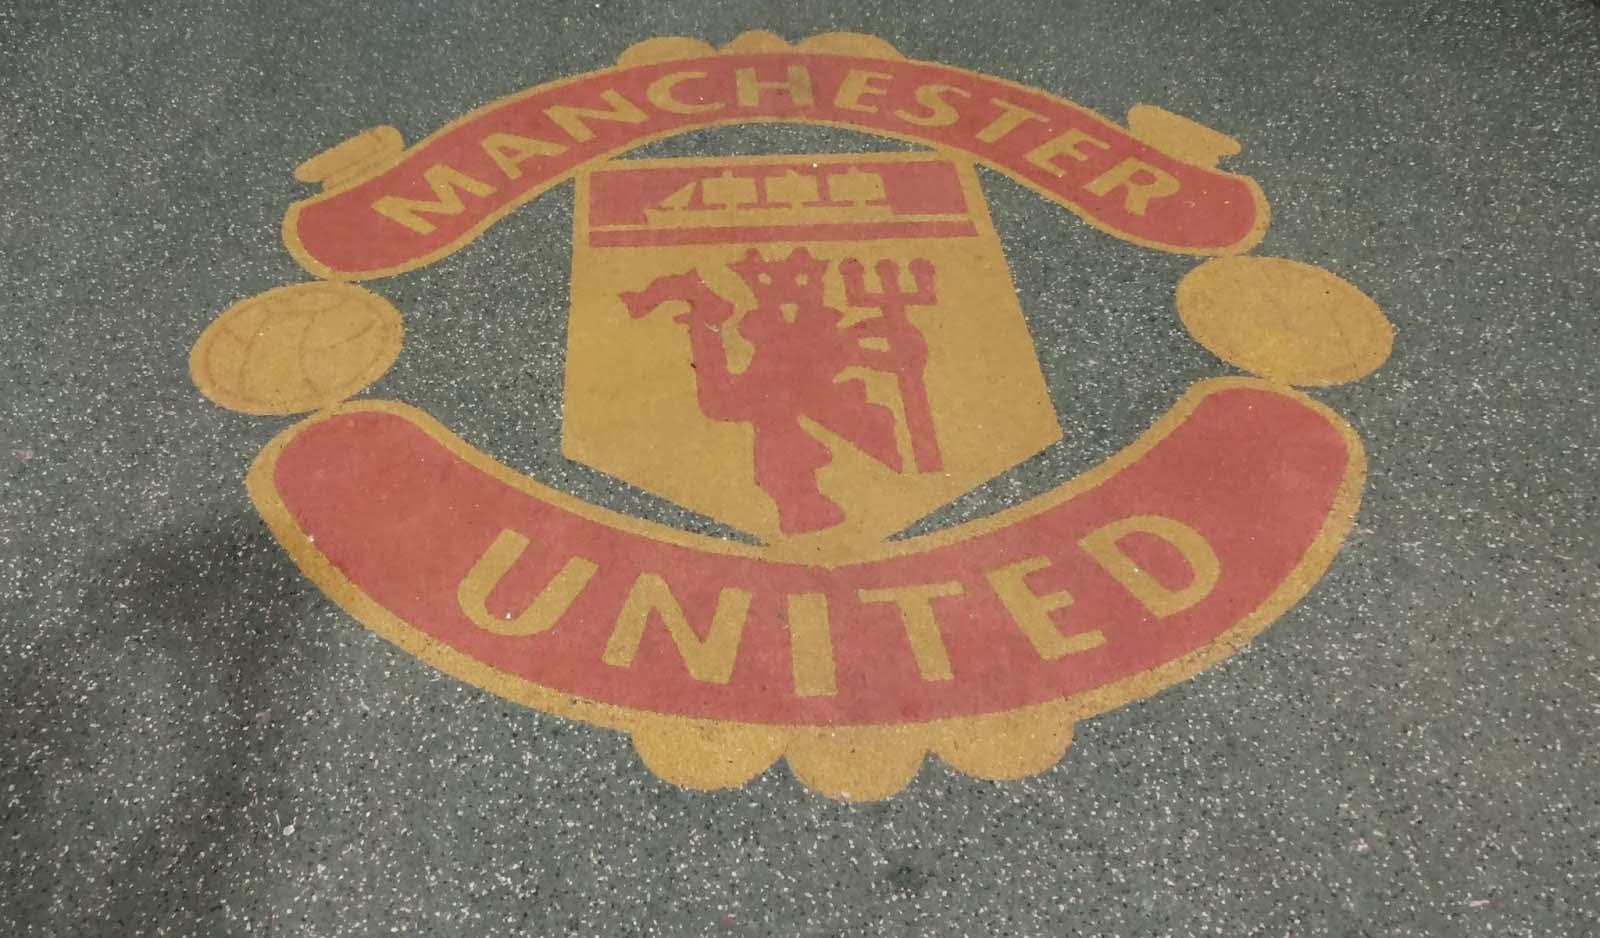 Ảnh logo của Manchester United độc nhất